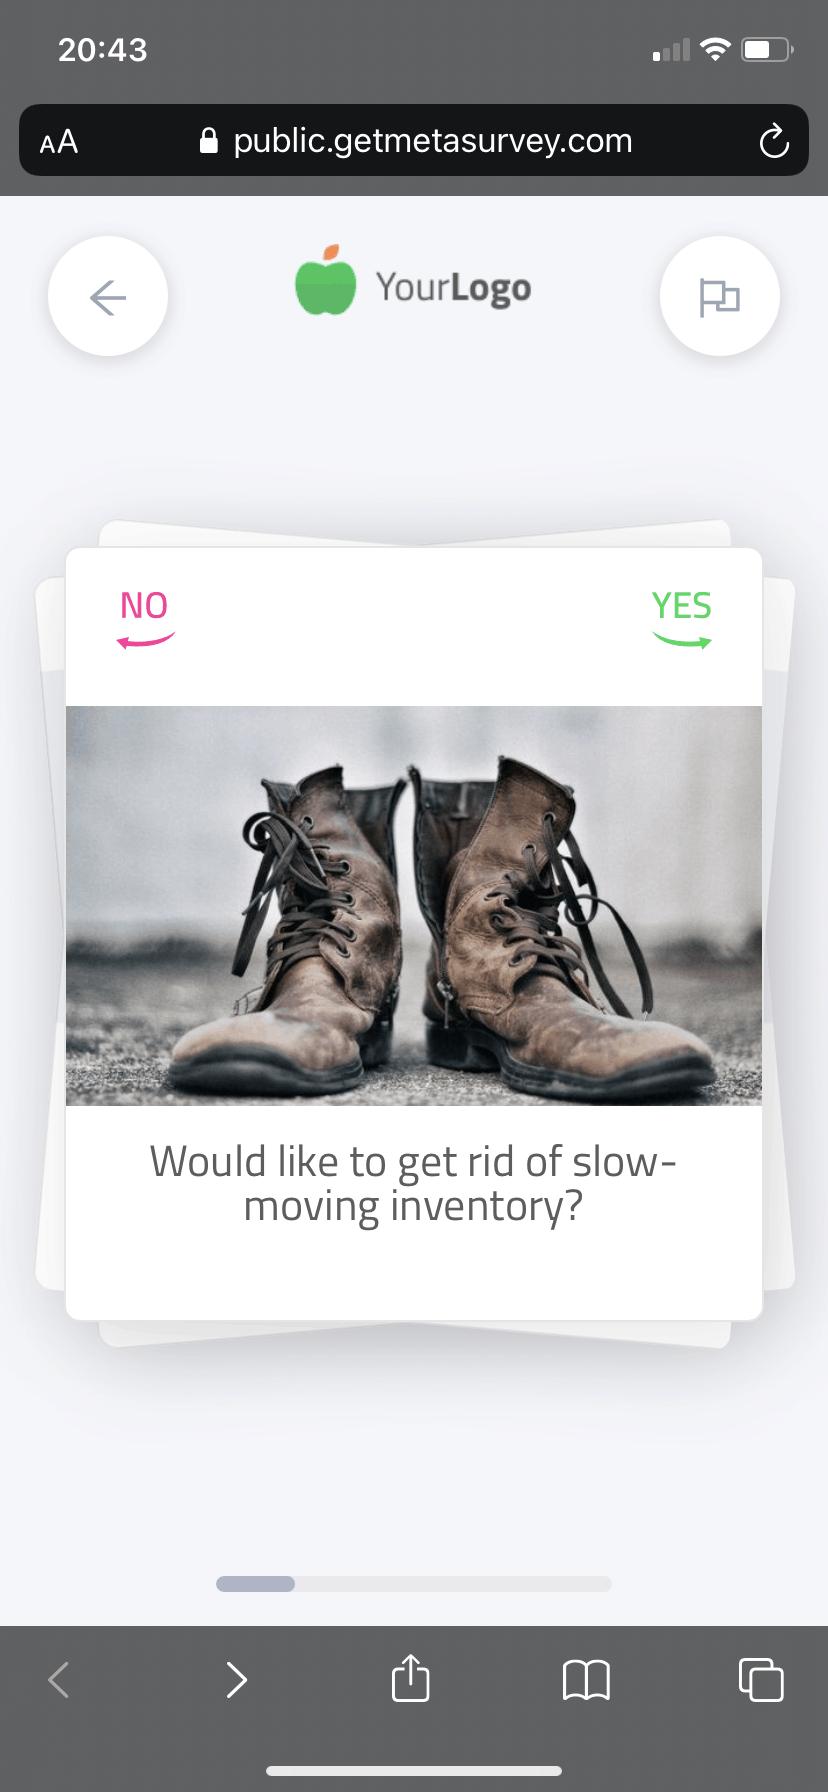 Swipe card question